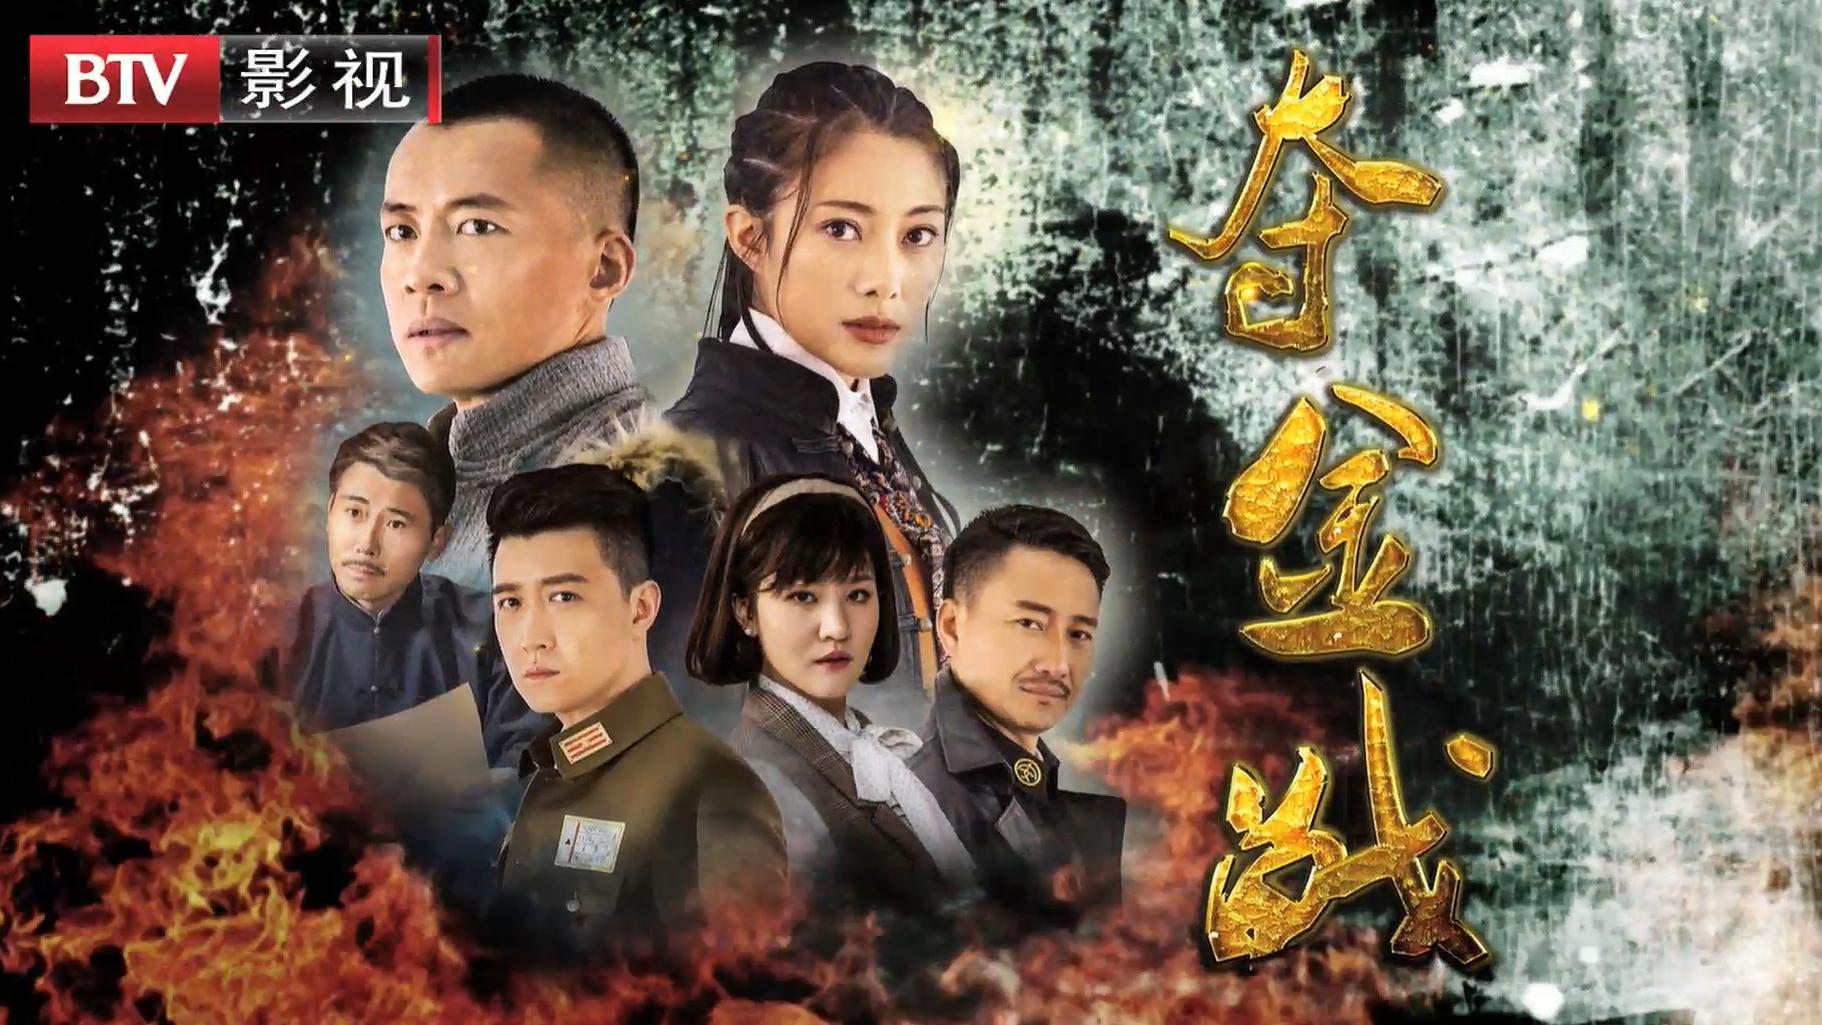 唐曾 端木崇慧演绎英雄儿女热血《夺金战》 8月13日18:55播出